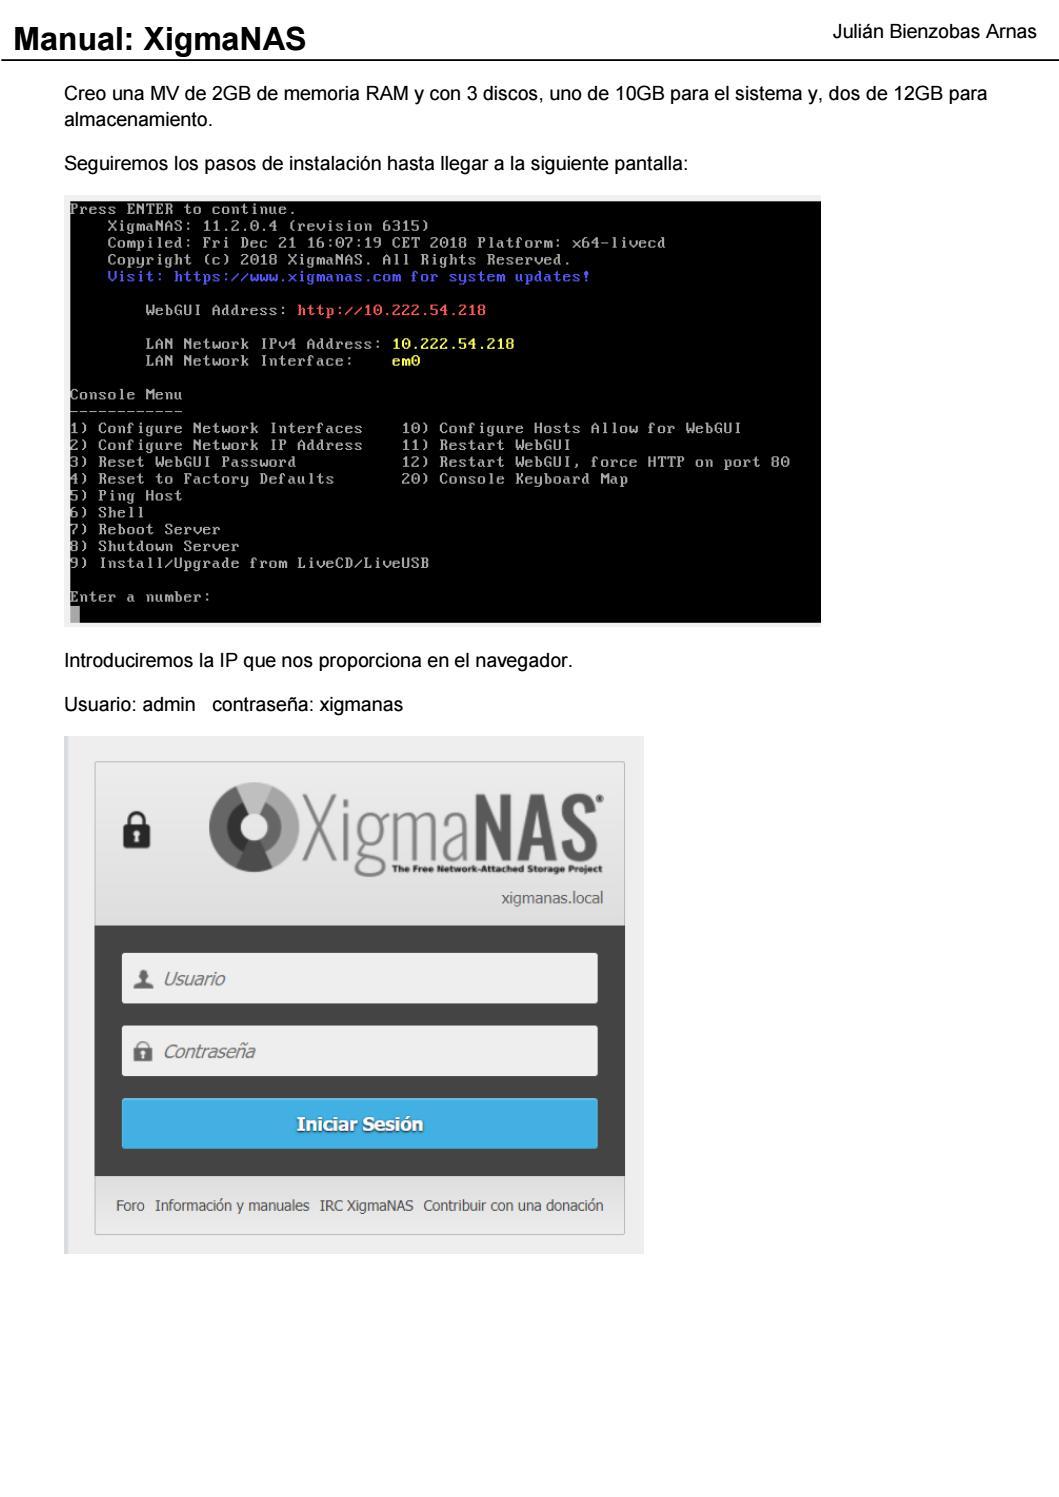 Manual de configuración de XigmaNAS by bienzoj - issuu